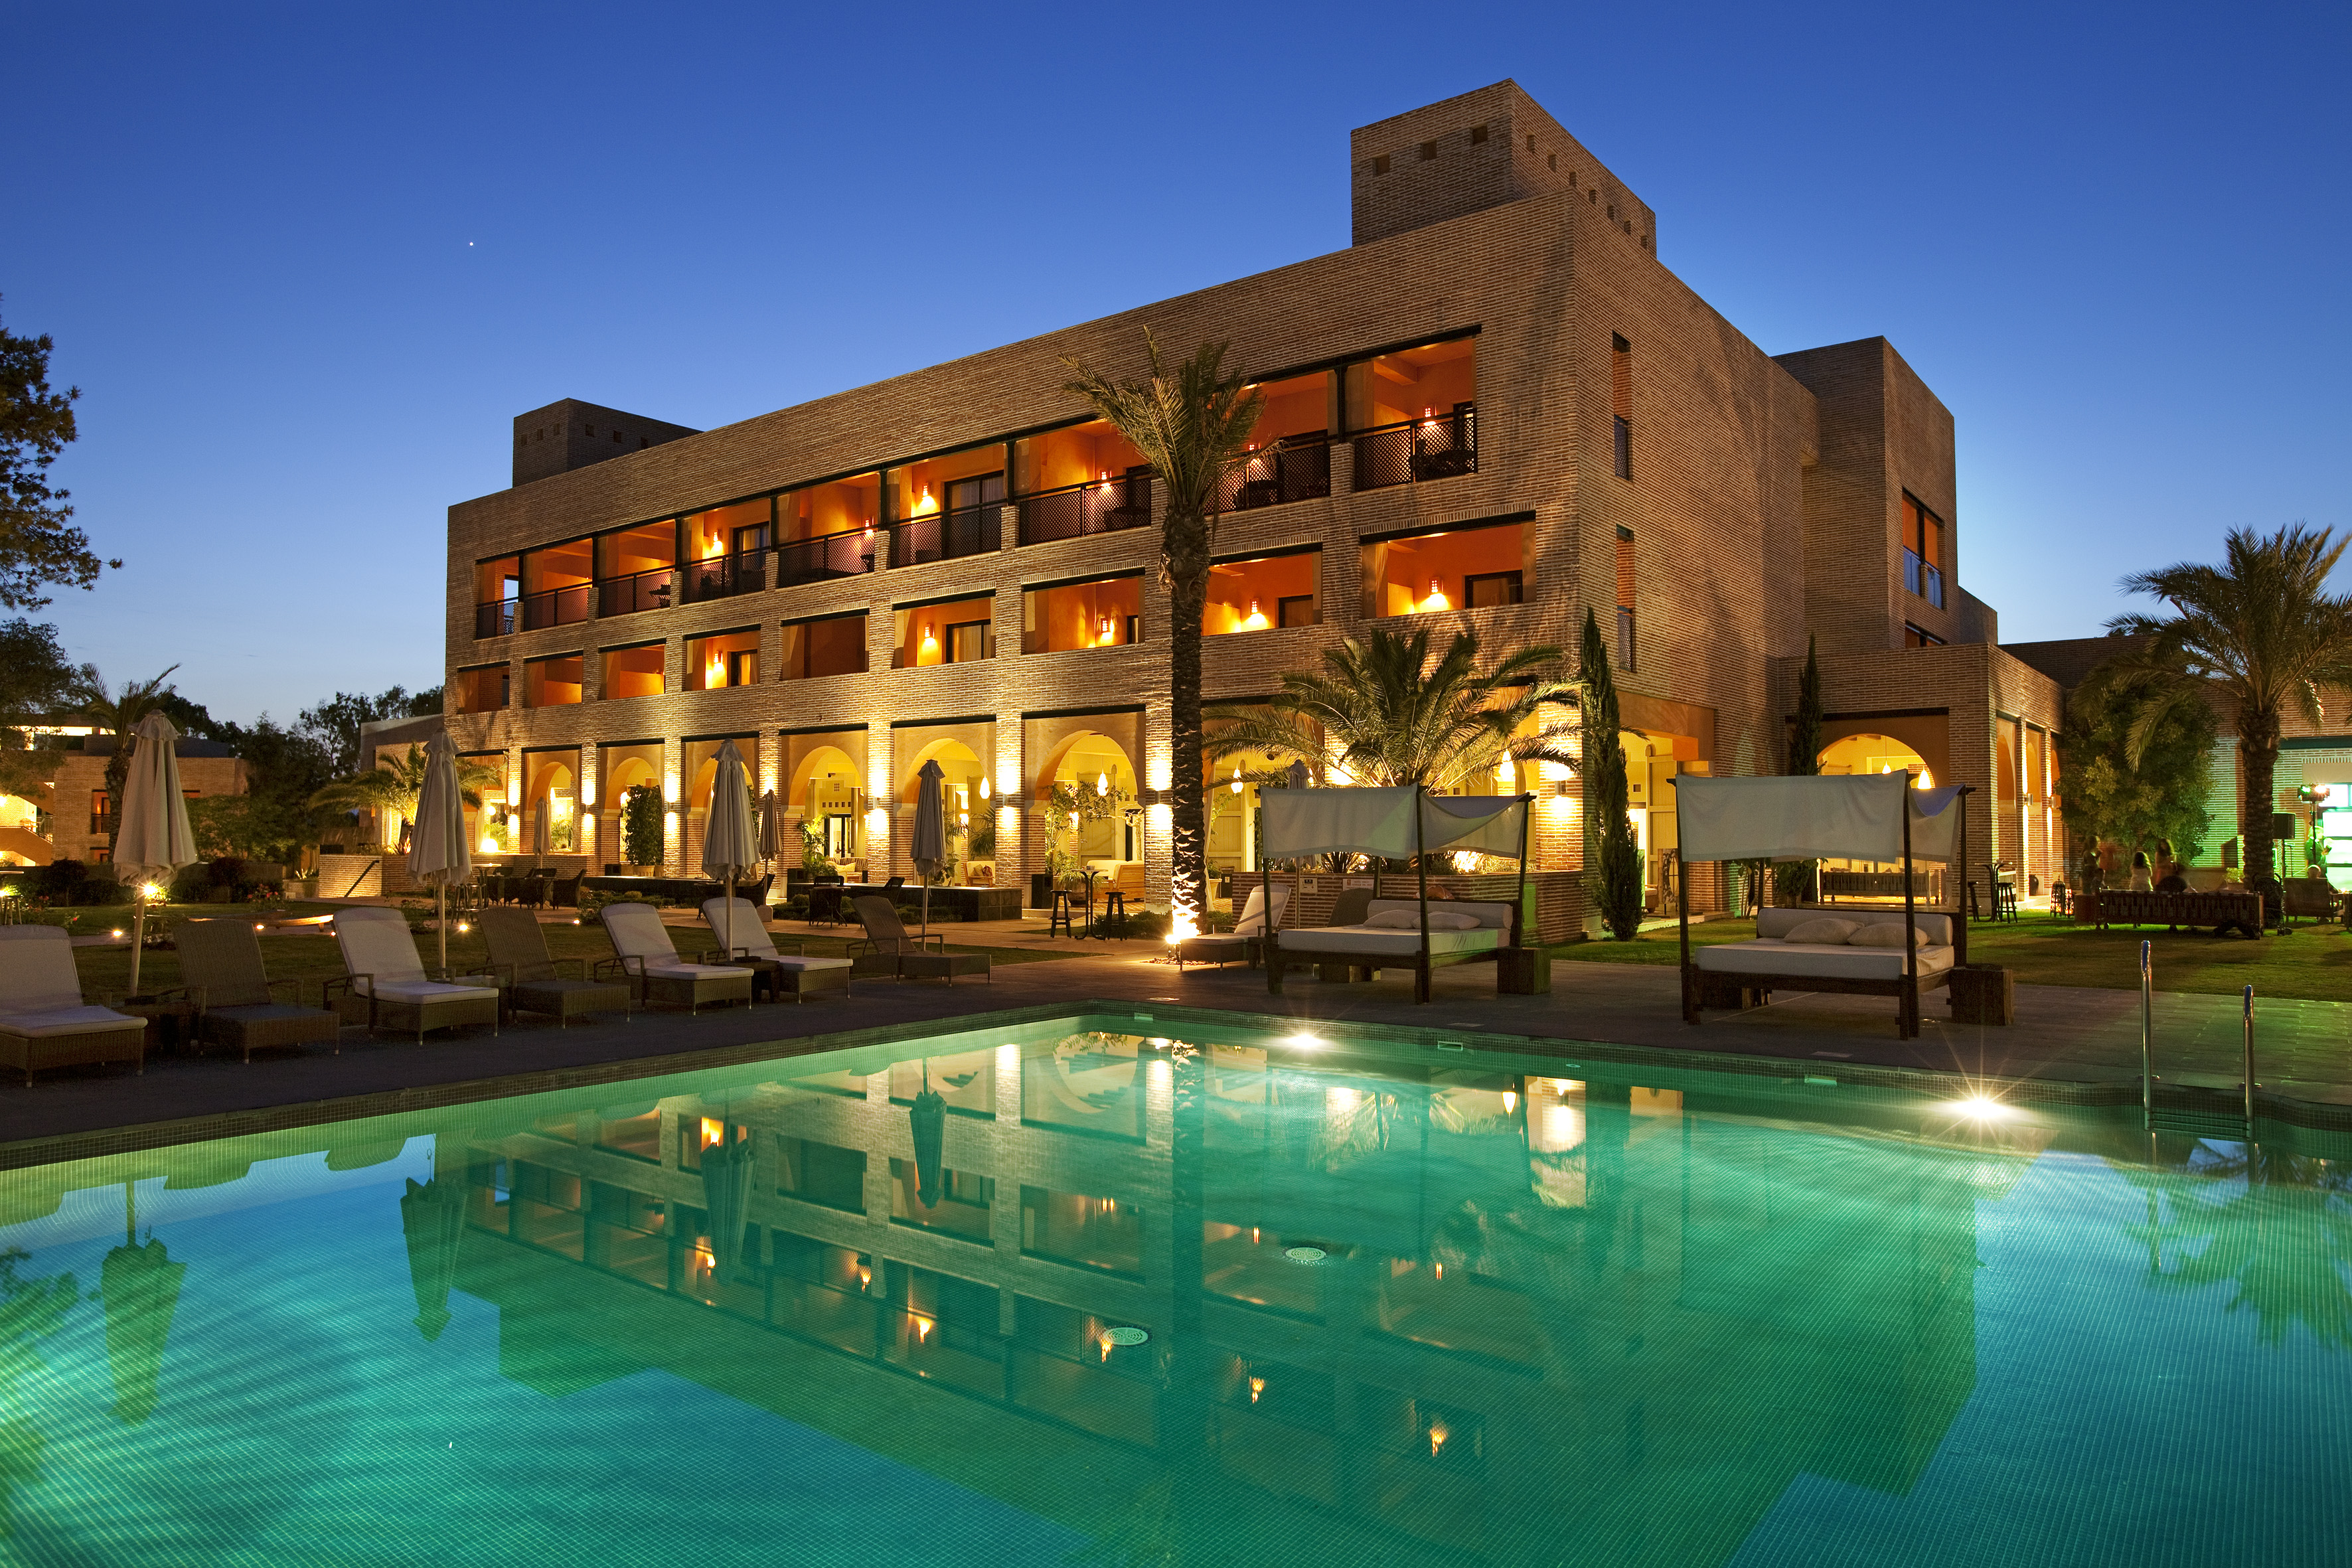 Hotel Vincci Selección Estrella del Mar 5* Marbella.